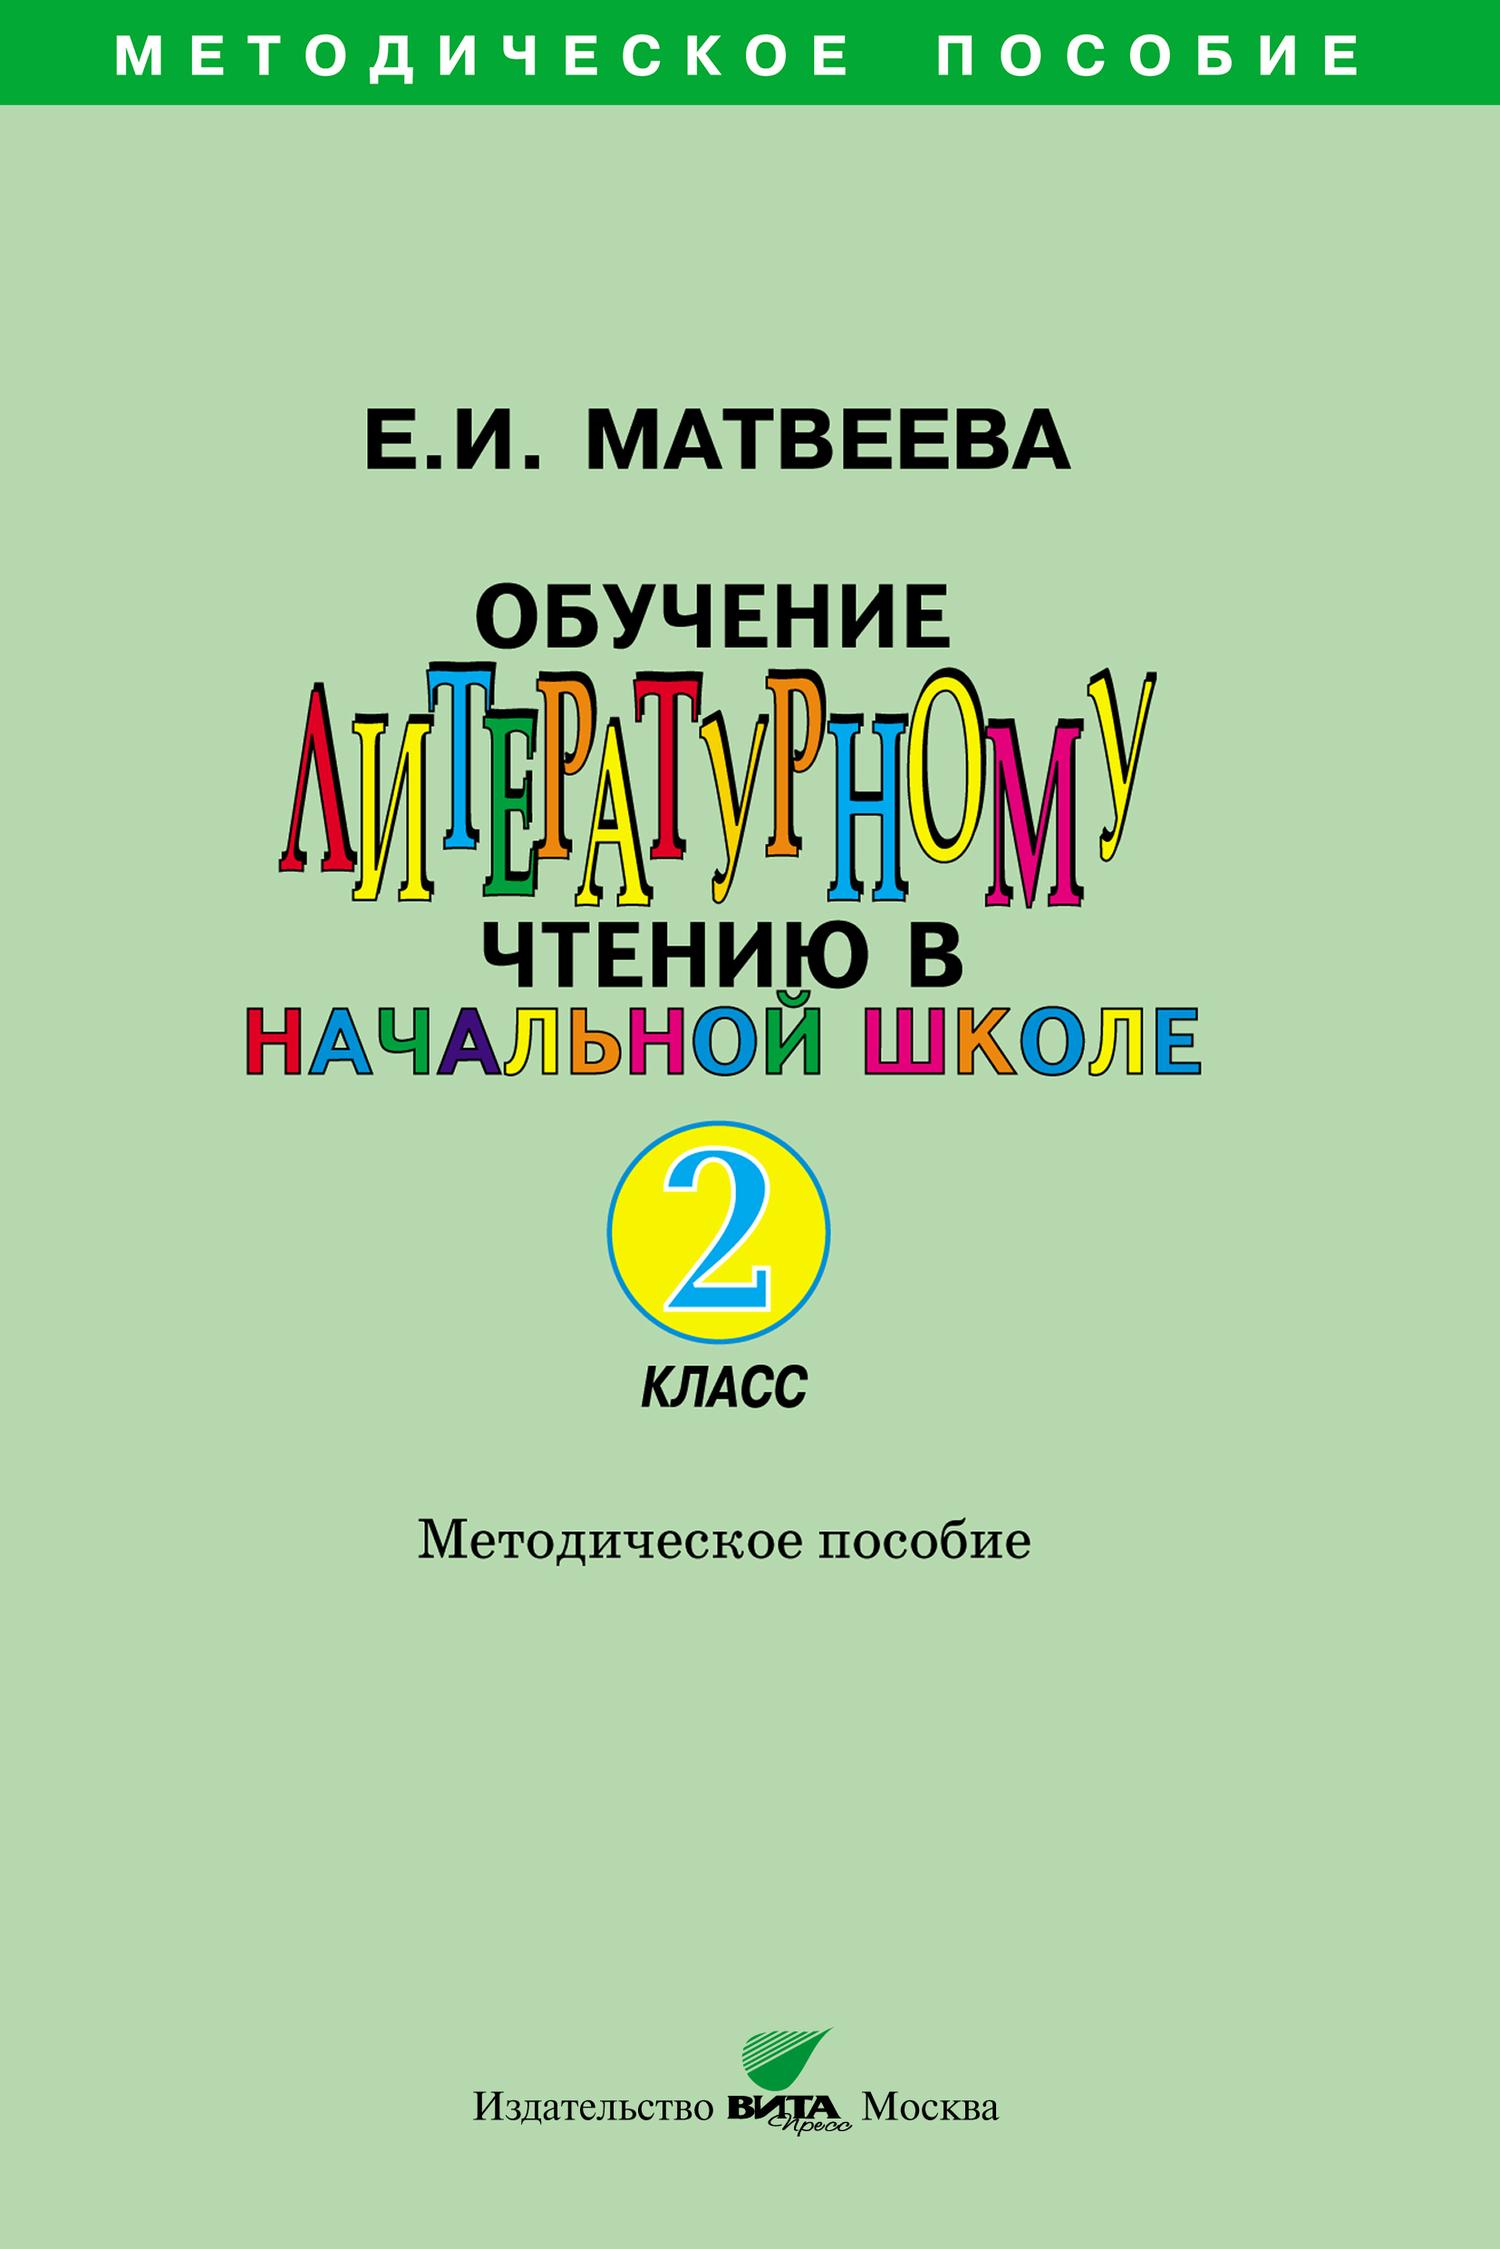 Е. И. Матвеева. Обучение литературному чтению в начальной школе. Методическое пособие. 2 класс